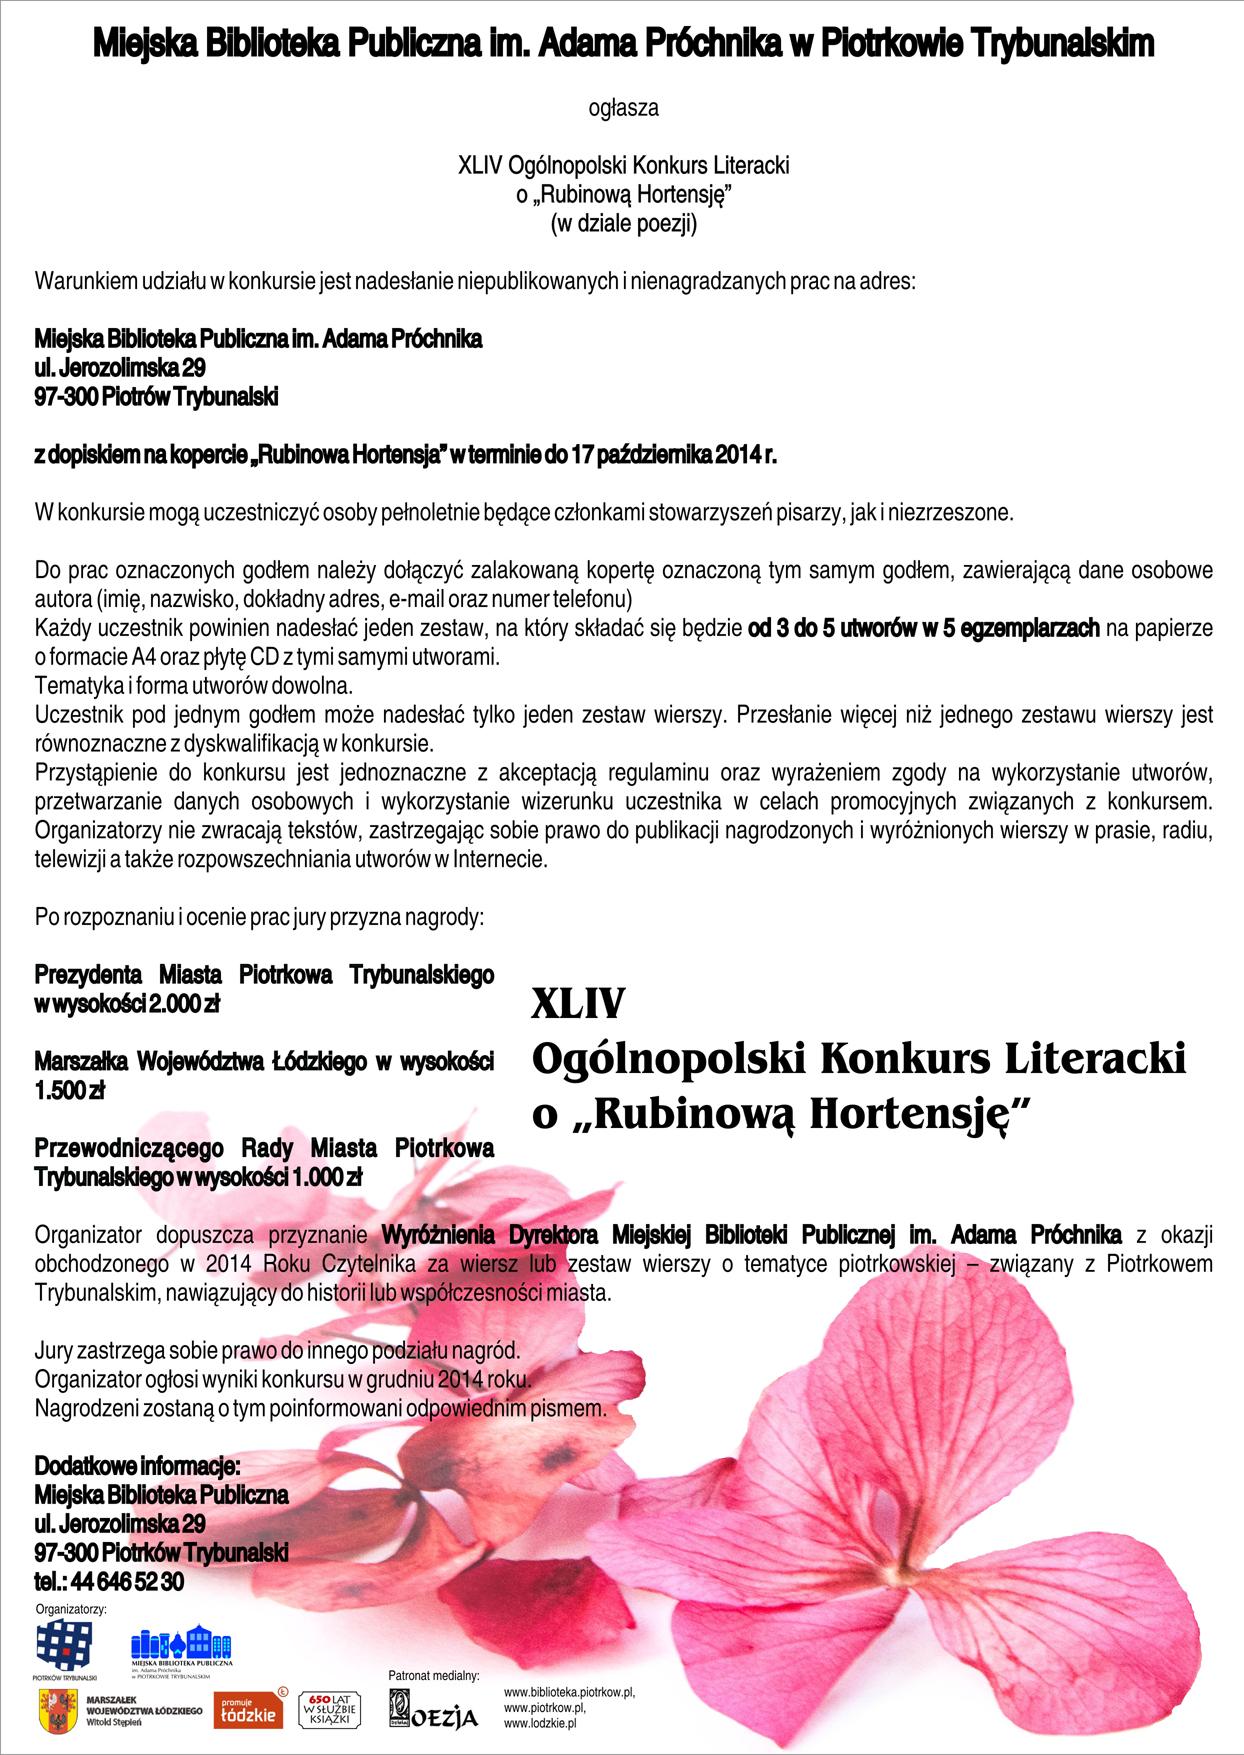 Ogólnopolski Konkurs Literacki O Rubinową Hortensję